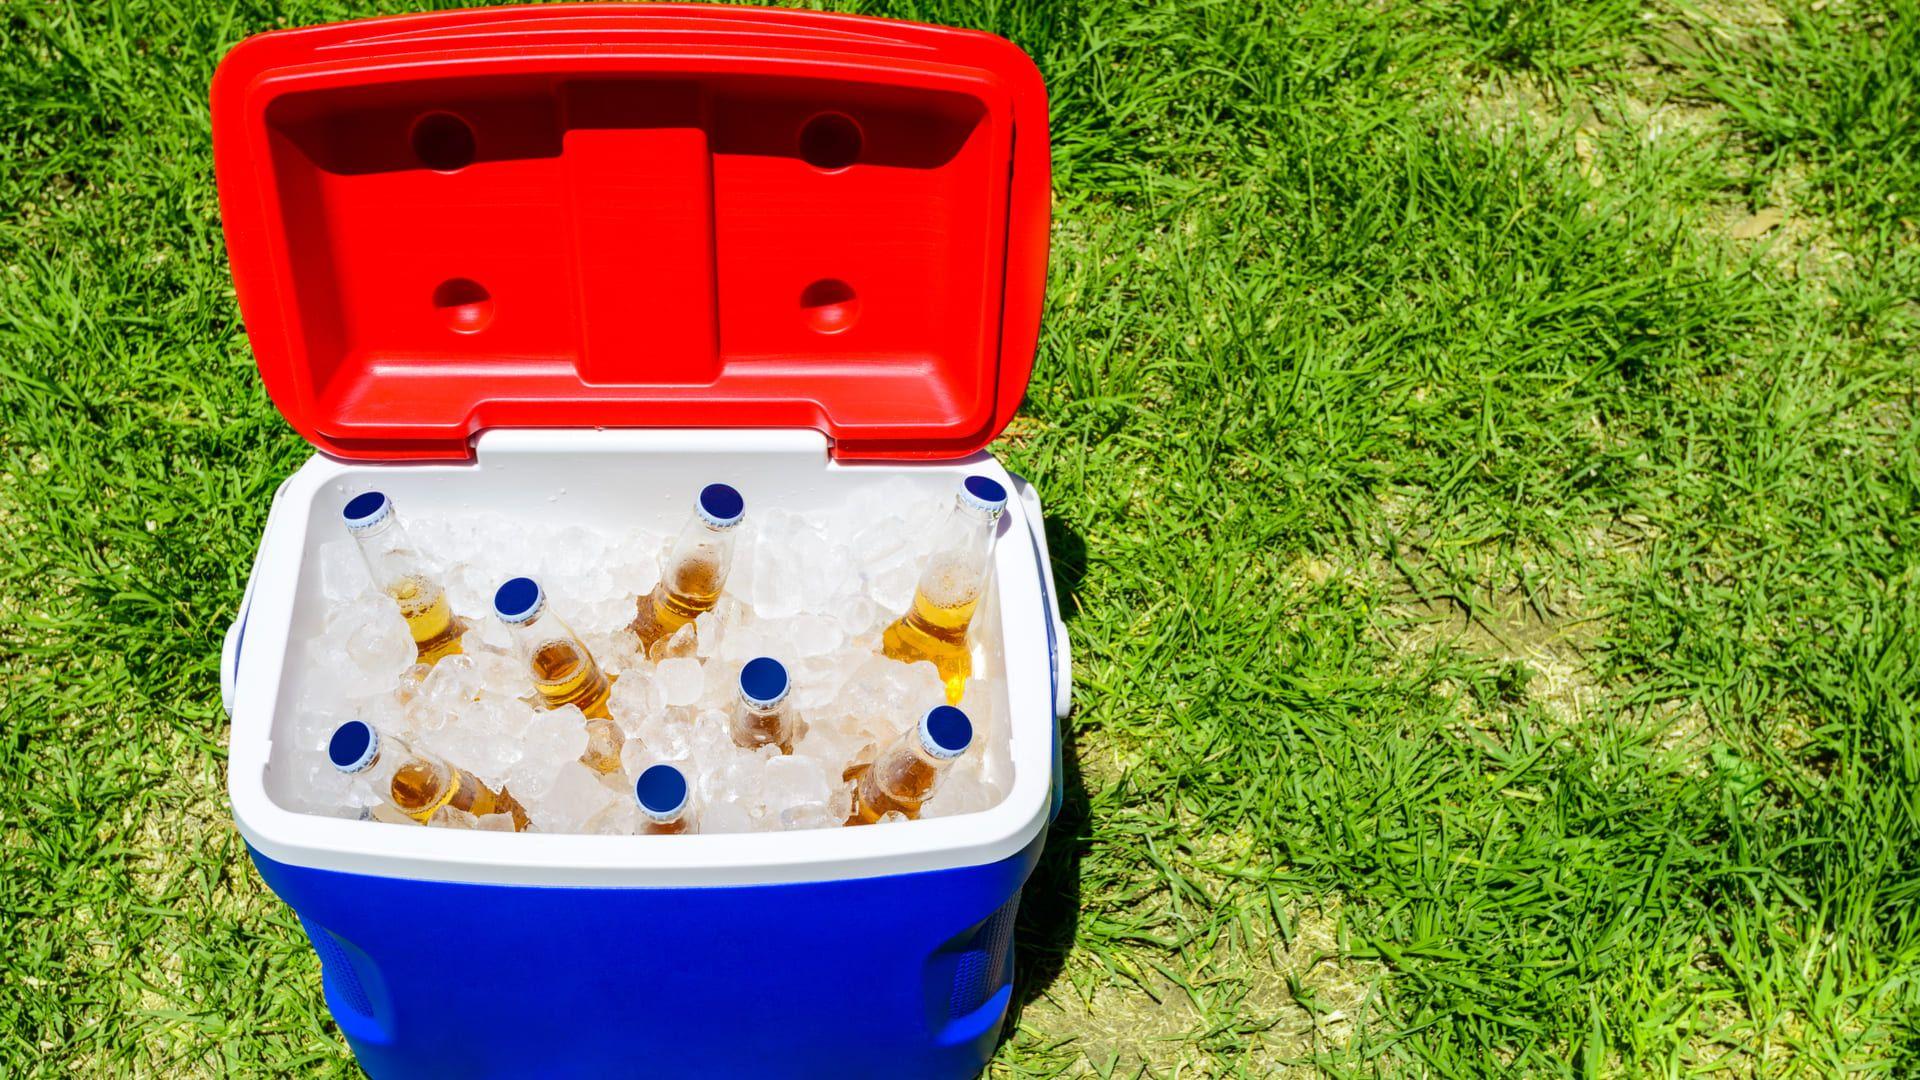 O cooler mantém as bebidas geladas por mais tempo e garante a refrescância dos drinks. (Imagem: Reprodução/Shutterstock)